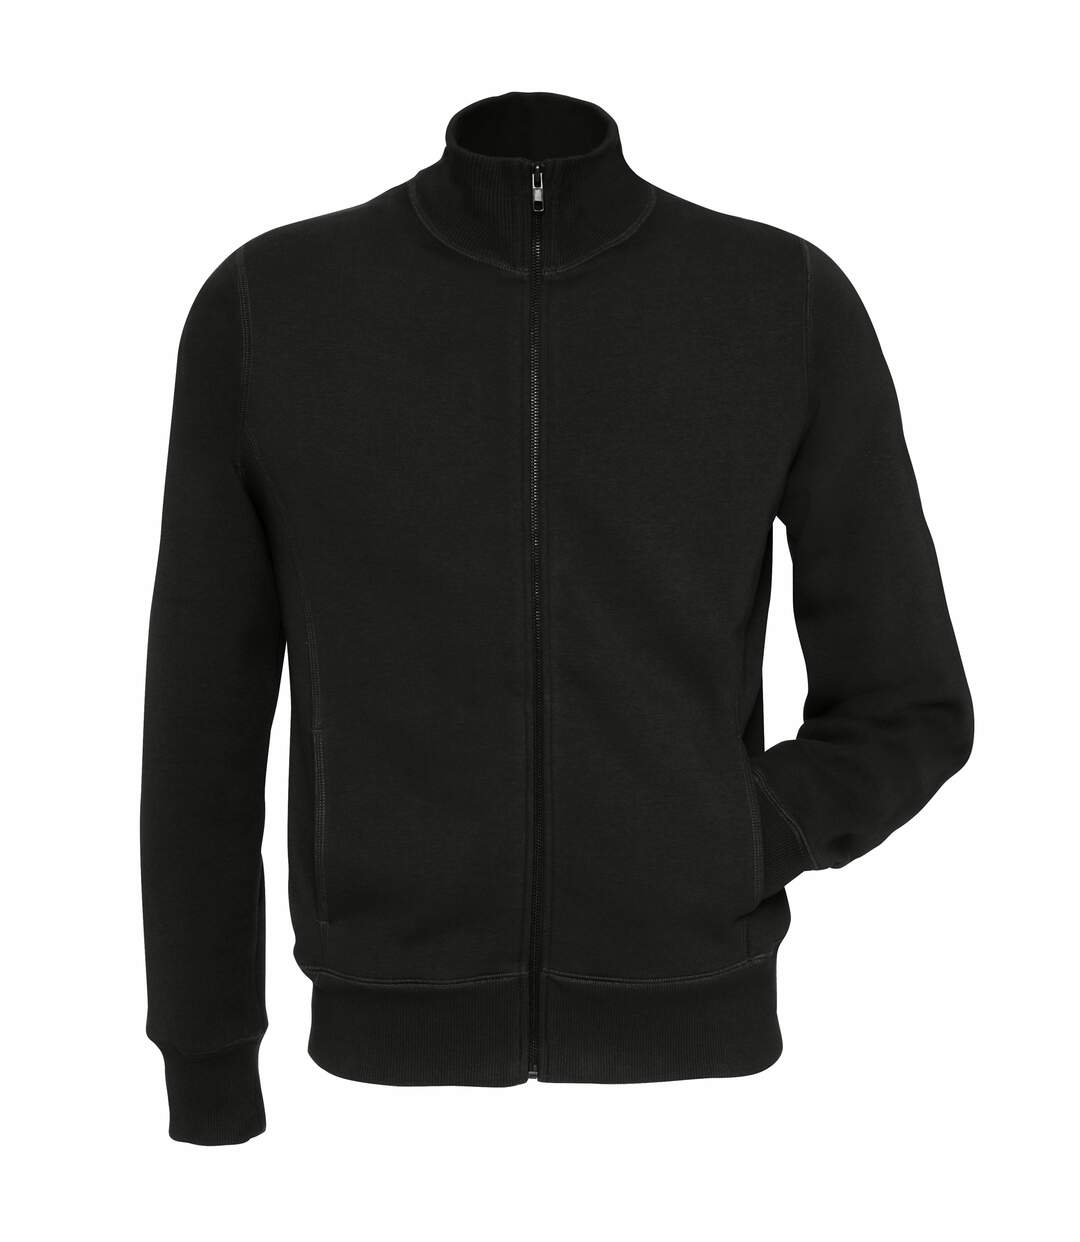 B&C Mens Spider Full Zipped Fleece Top (Black) - UTRW3027